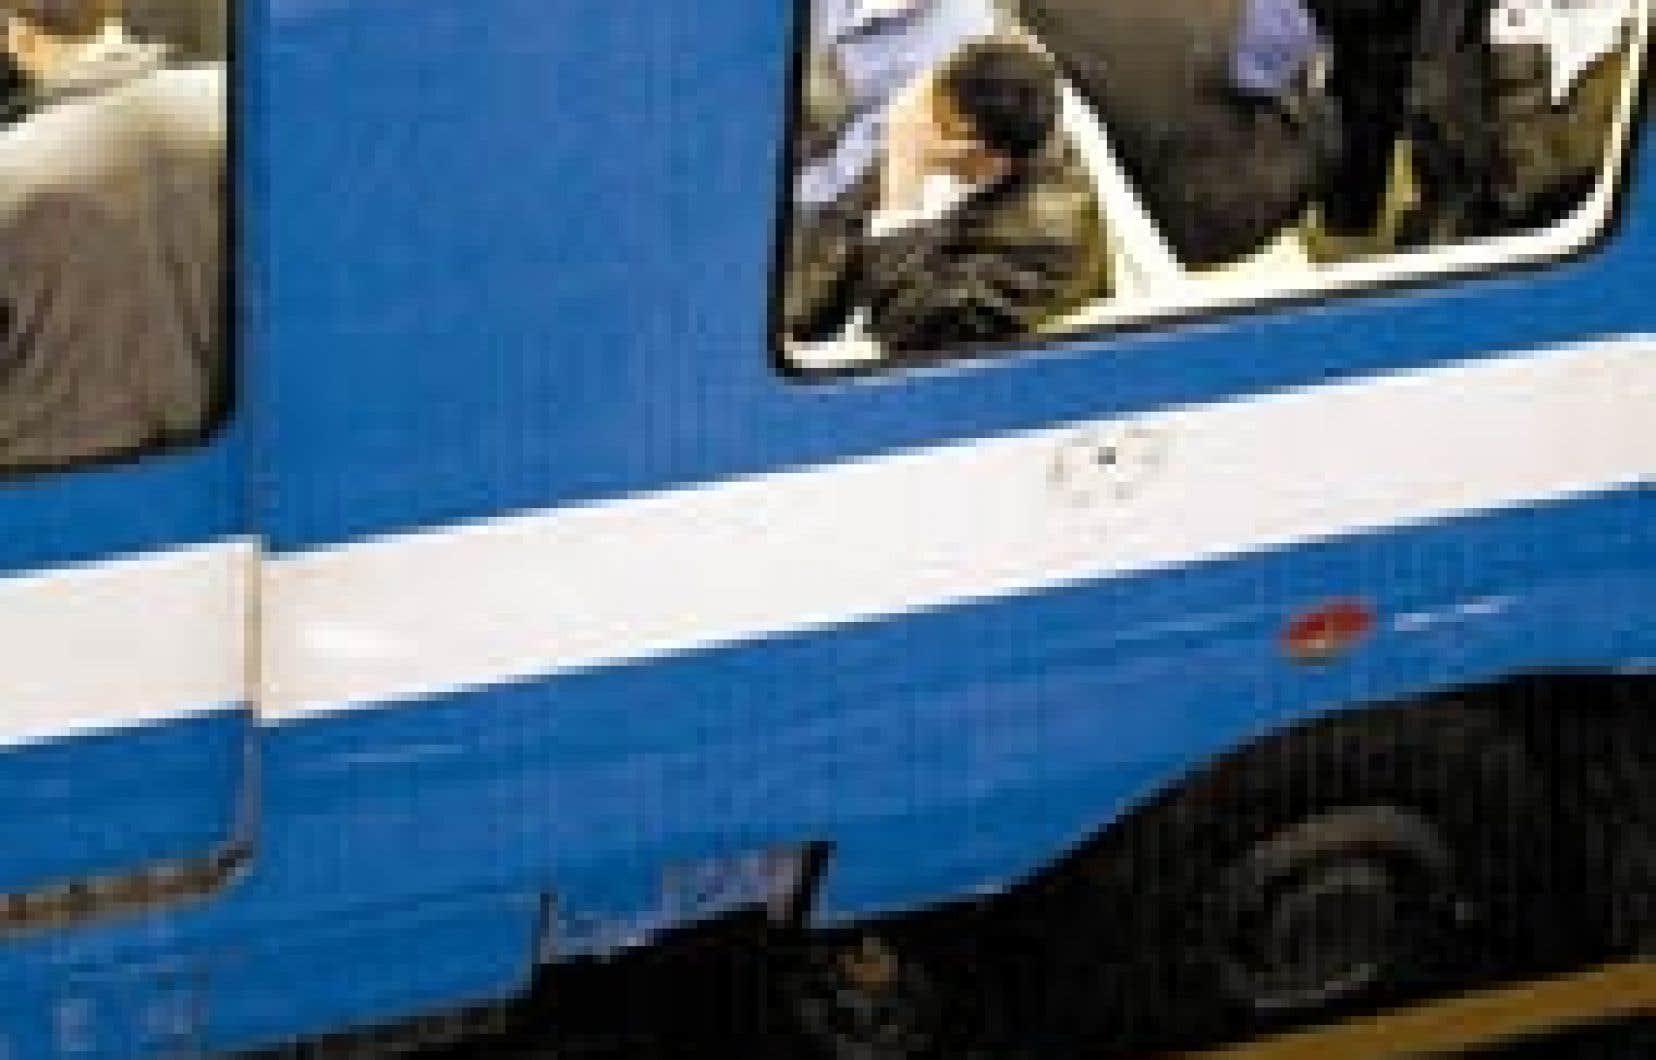 Depuis le début de l'année, 22 personnes ont essayé de se suicider dans le métro, contre 23 l'année précédente.